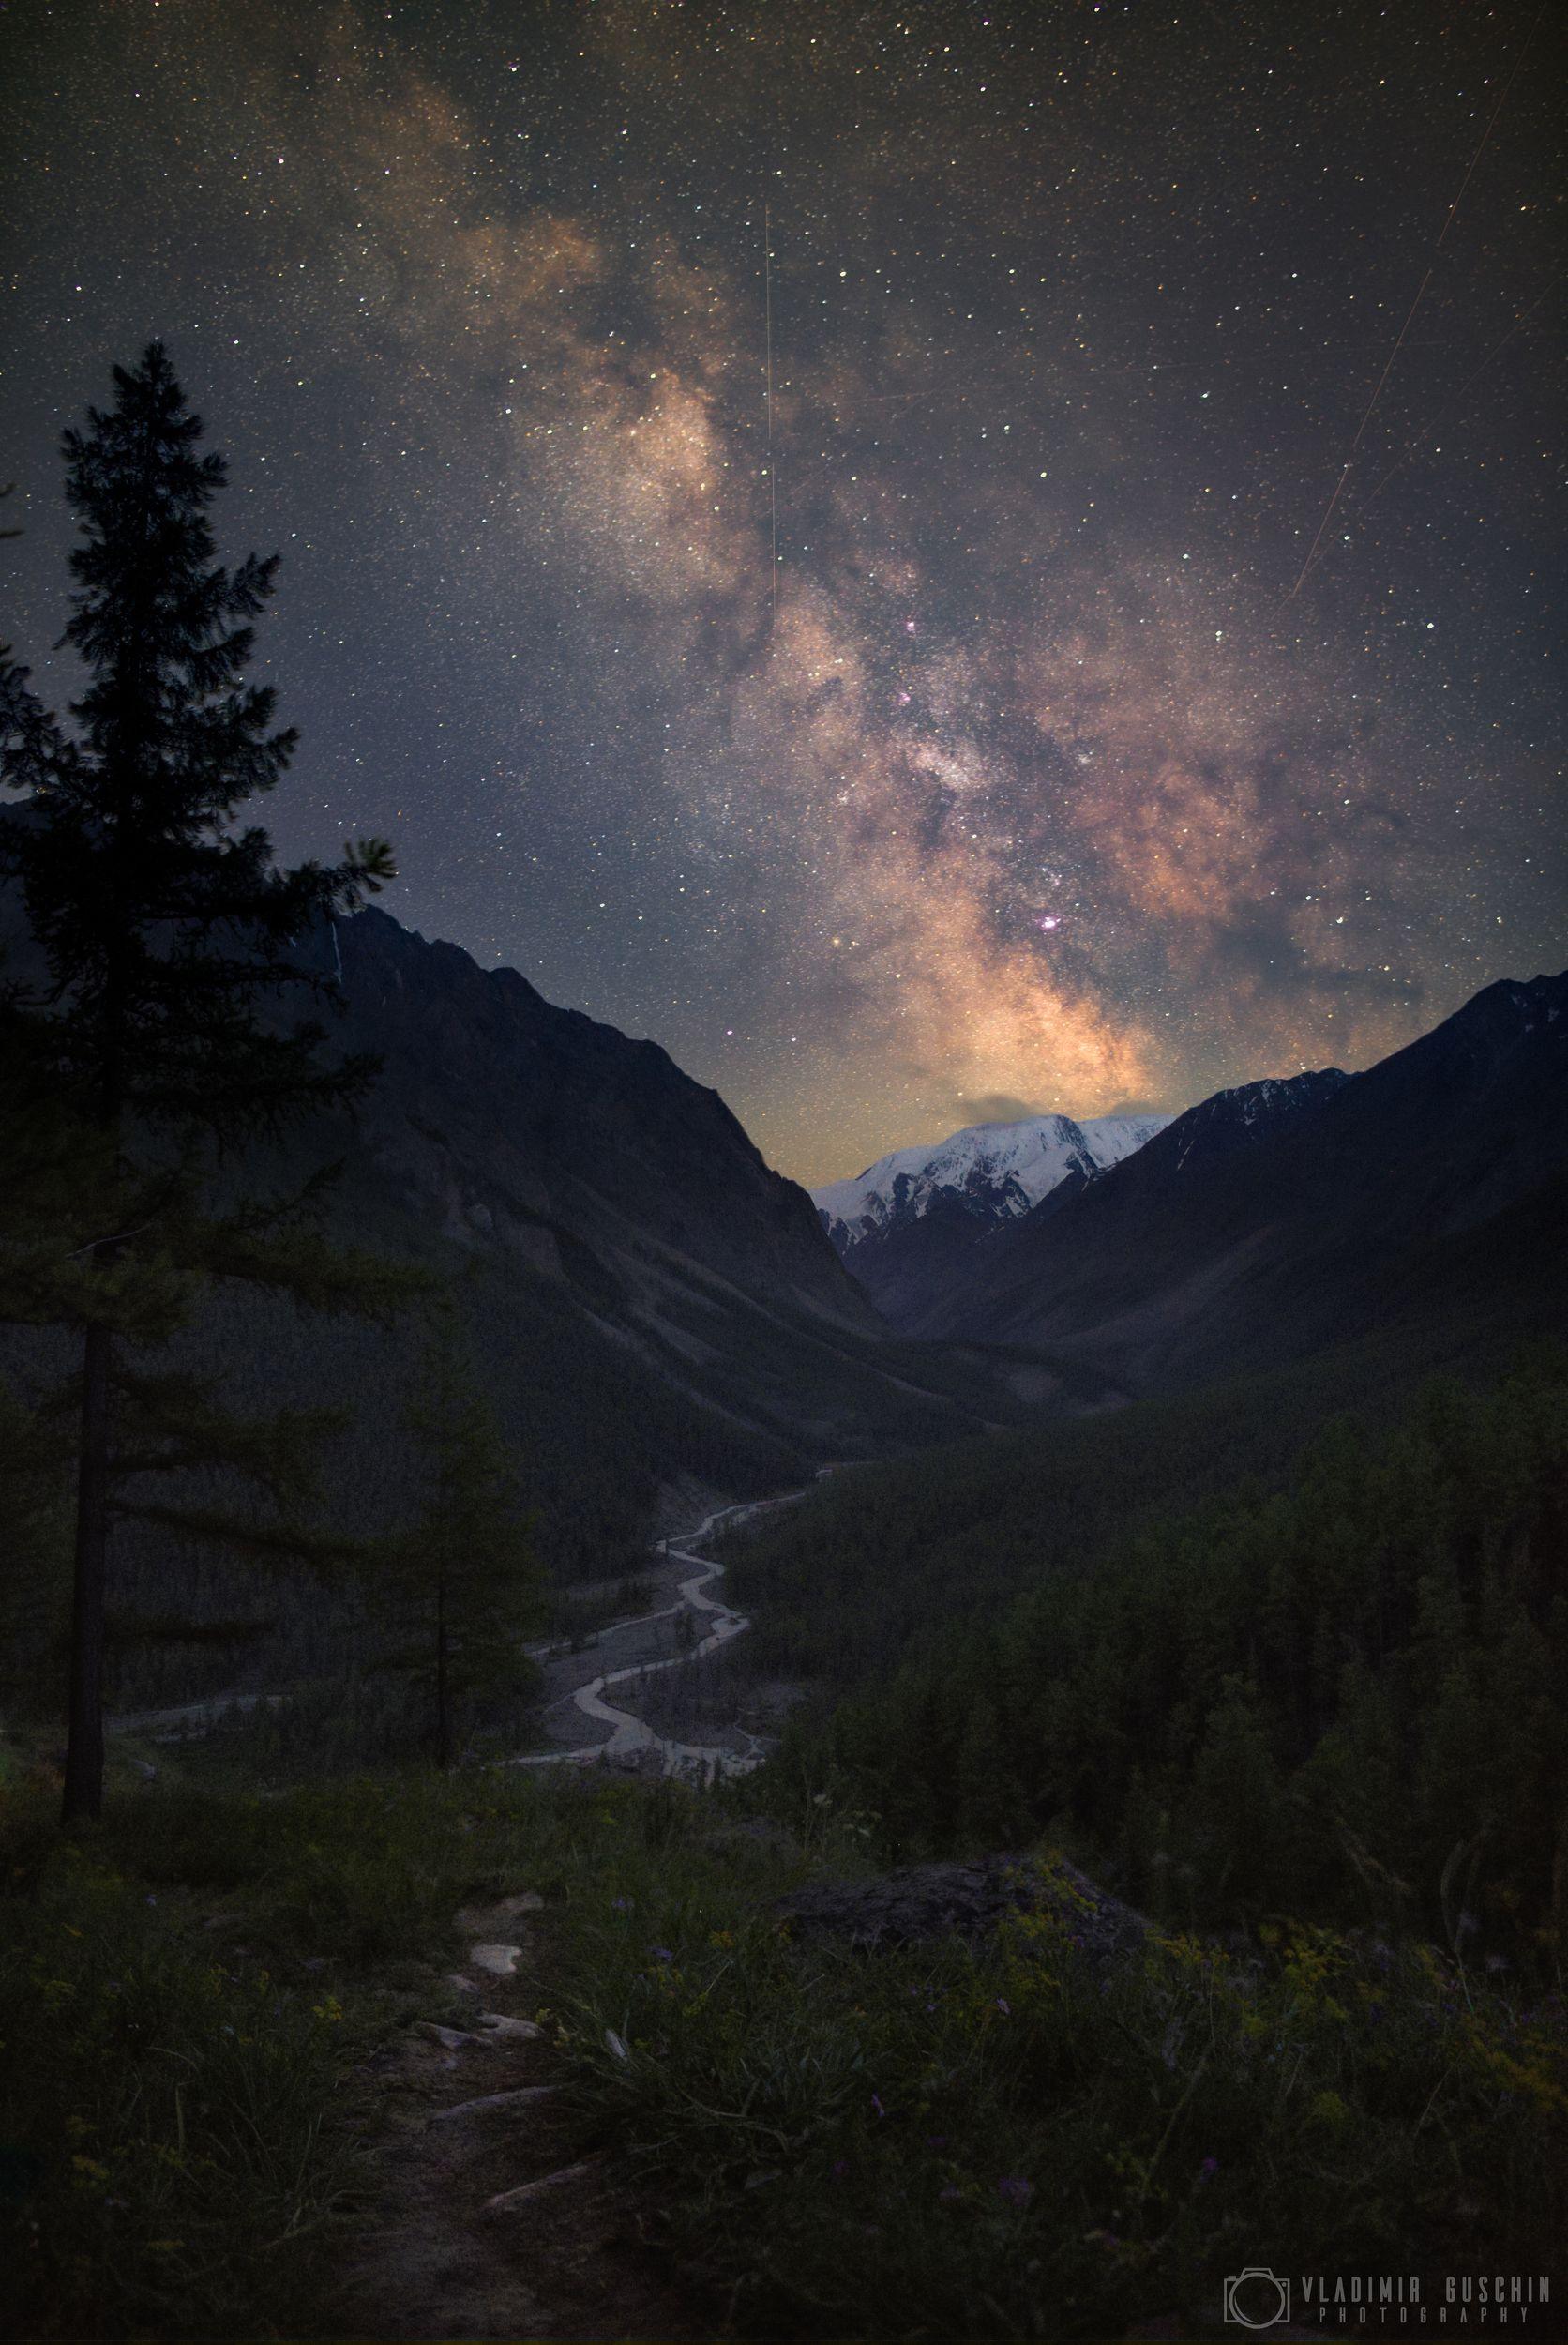 млечный путь, астрофотография, ночь, алтай, горный алтай, Гущин Владимир